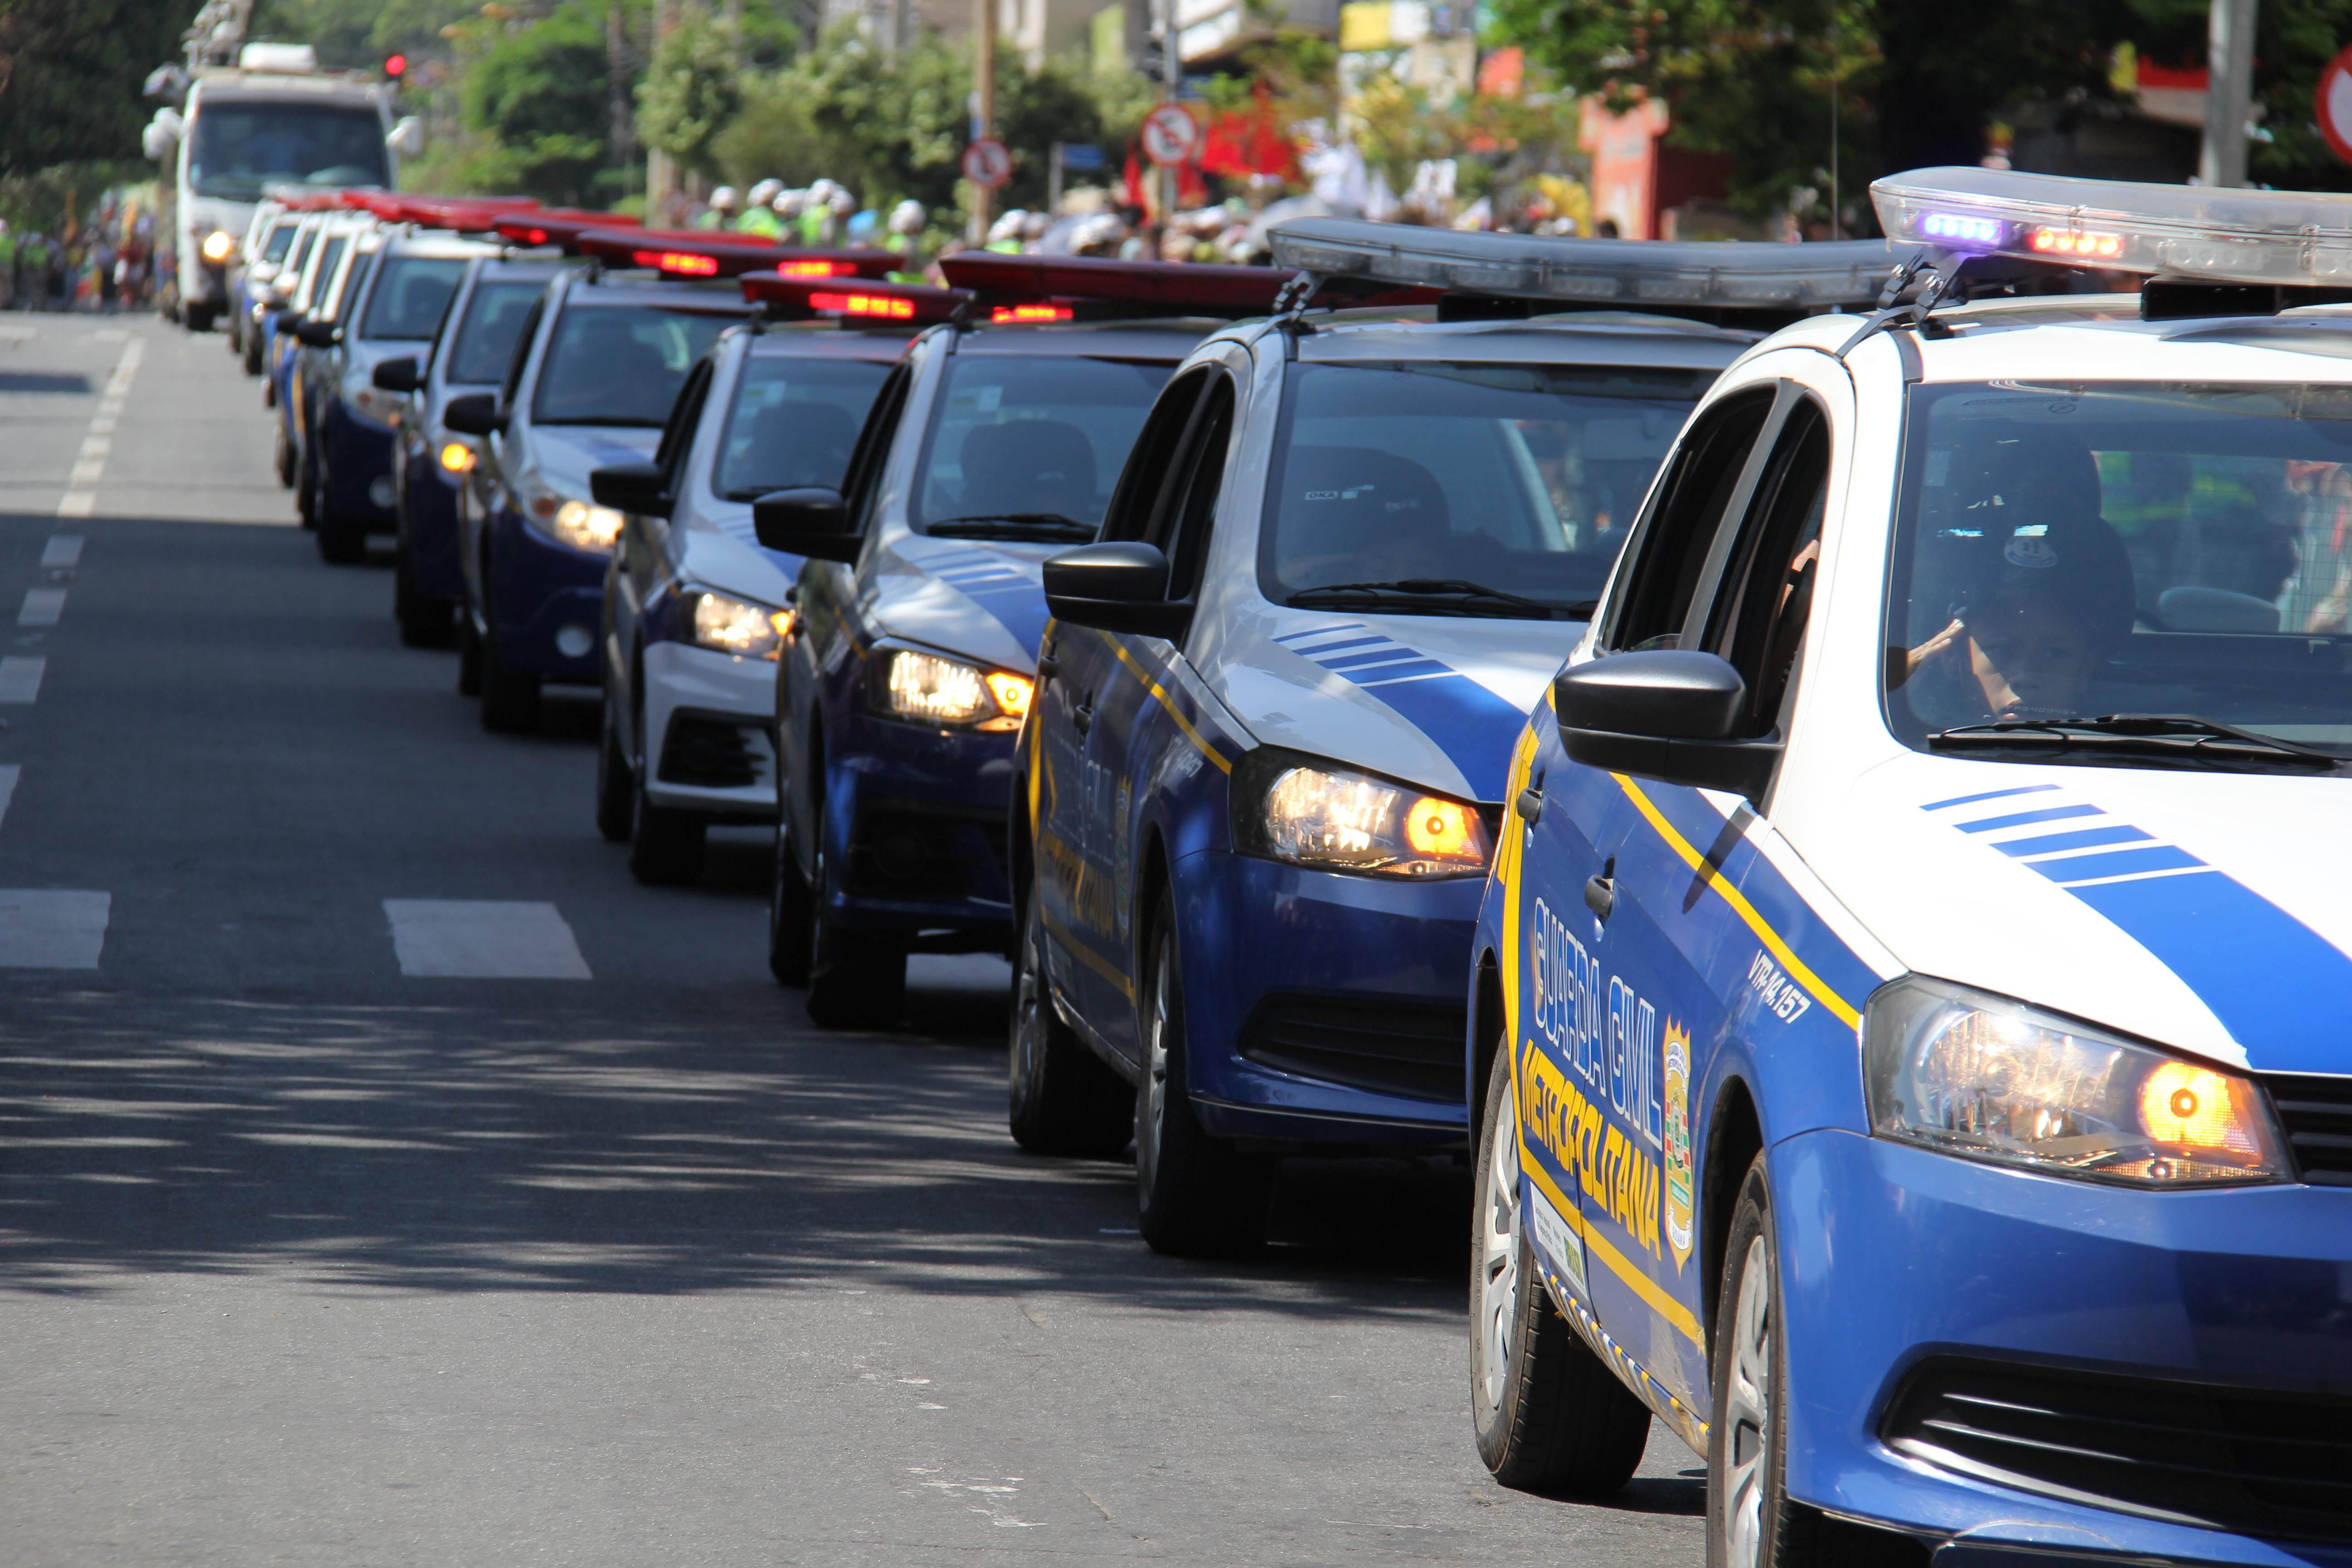 Guarda Municipal à procura de identidade própria | Foto: Cecílio Alves